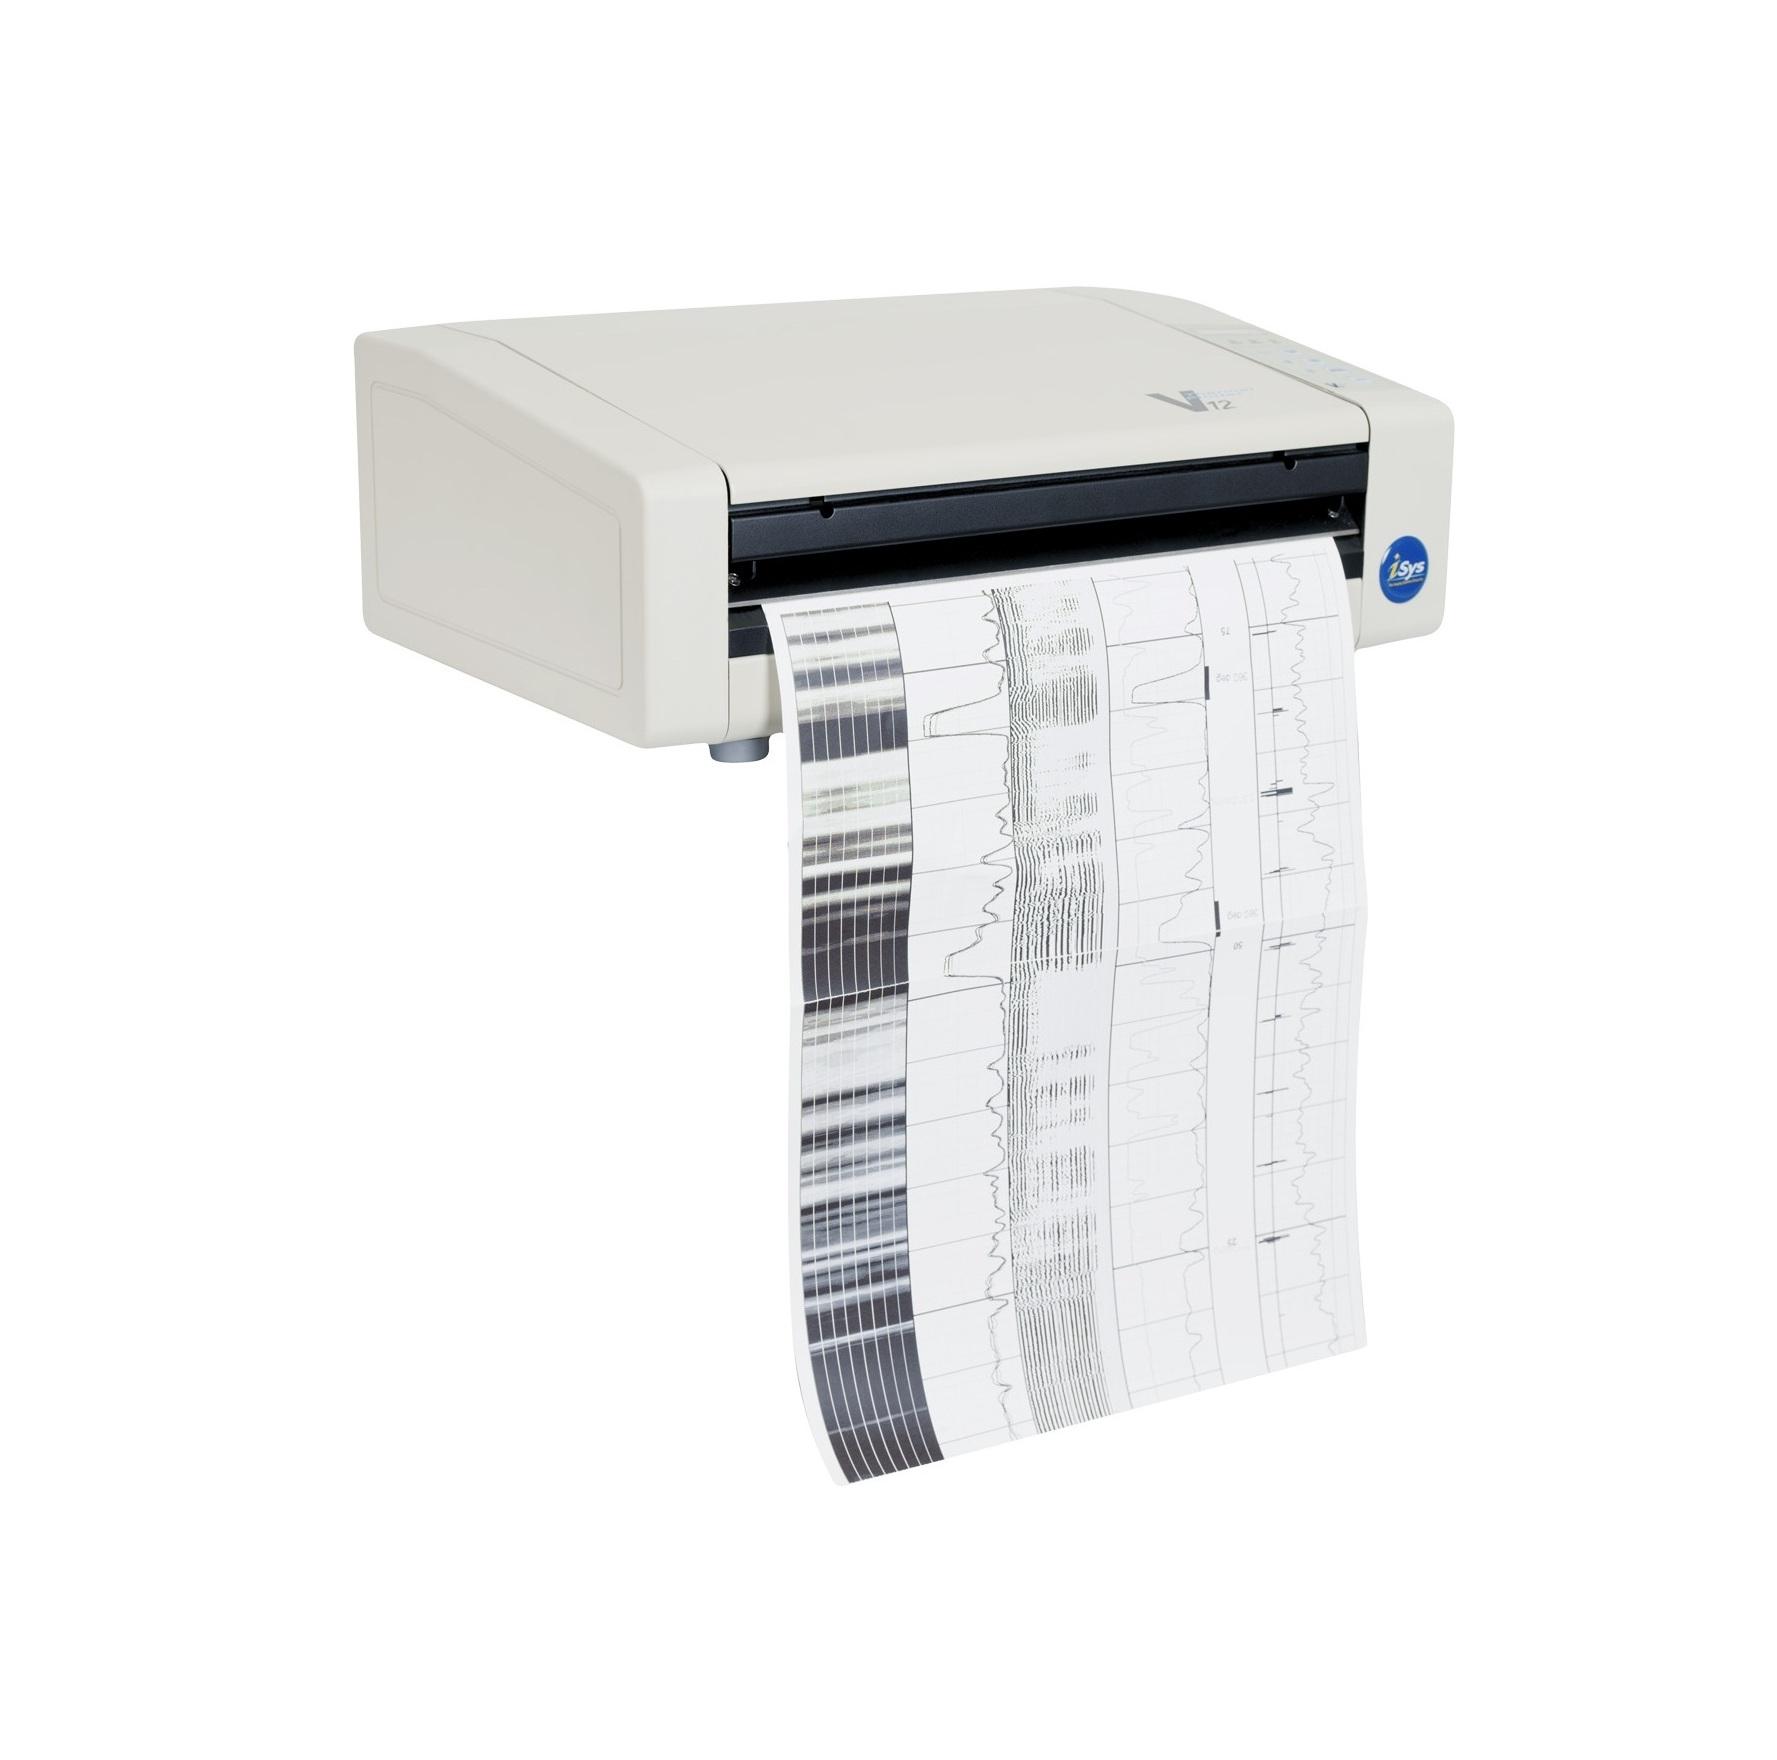 V12_well_log_printer_plotter_thermal.jpg